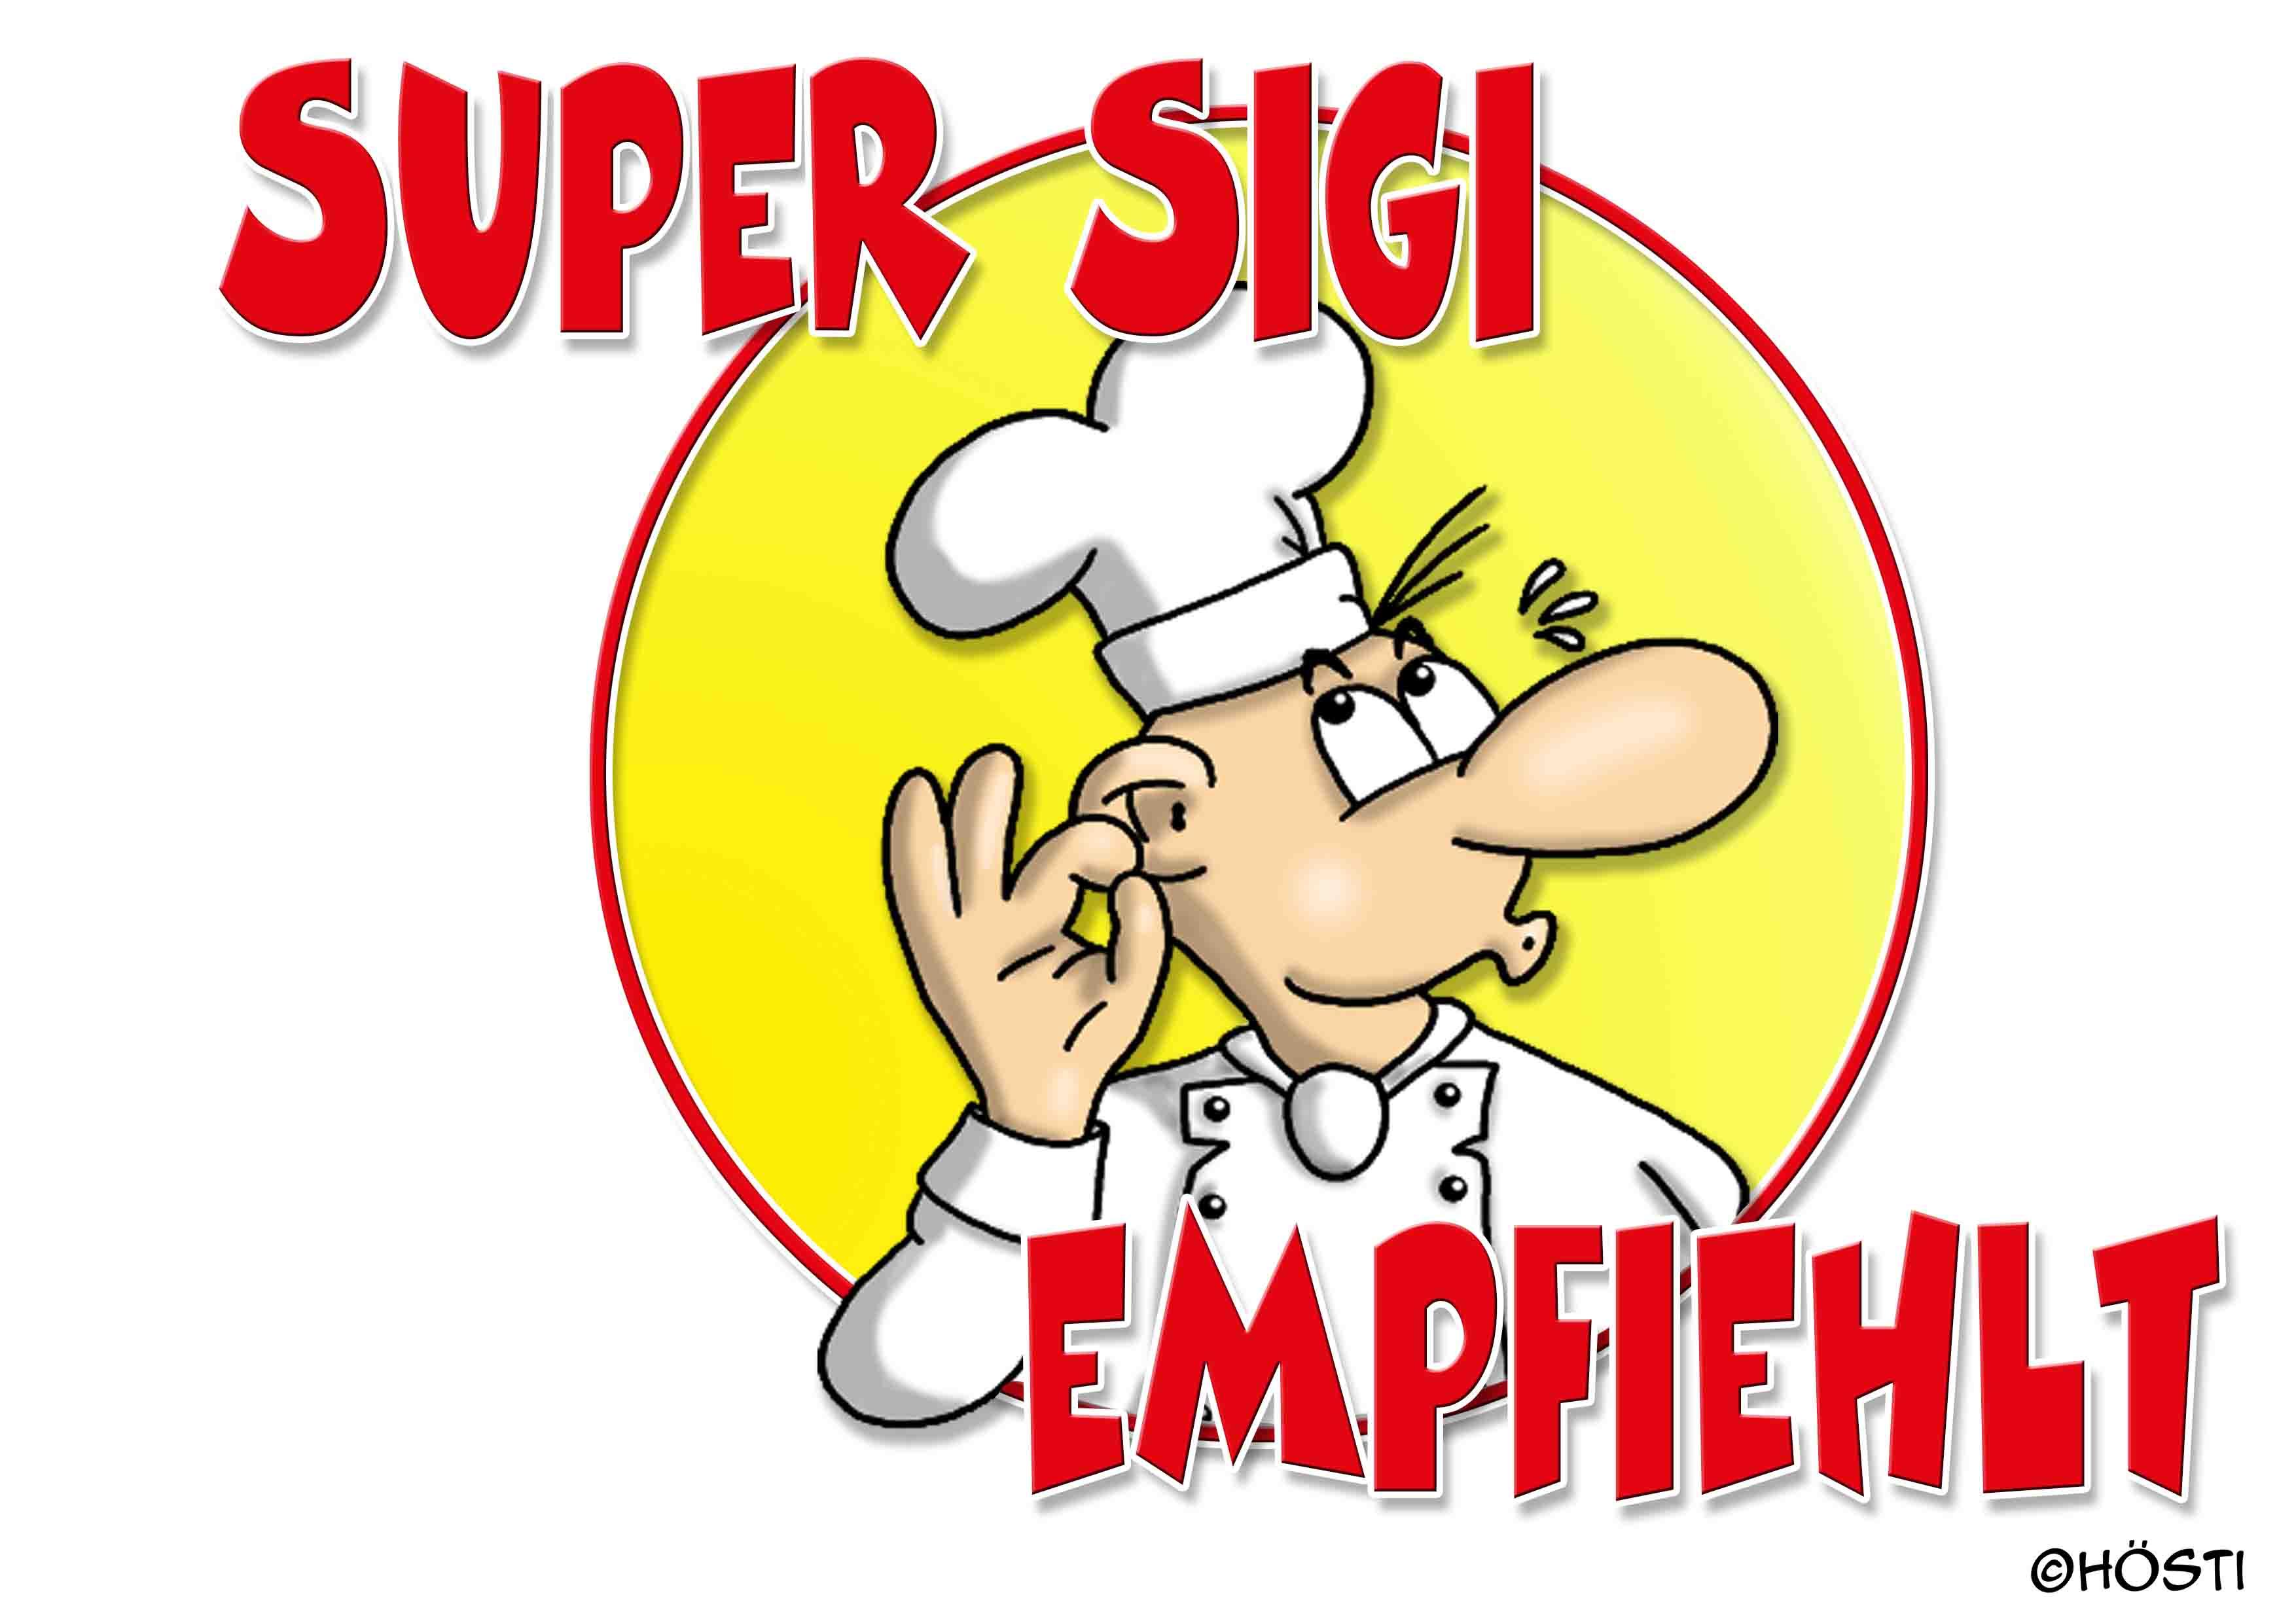 Super Sigi empfiehlt offen